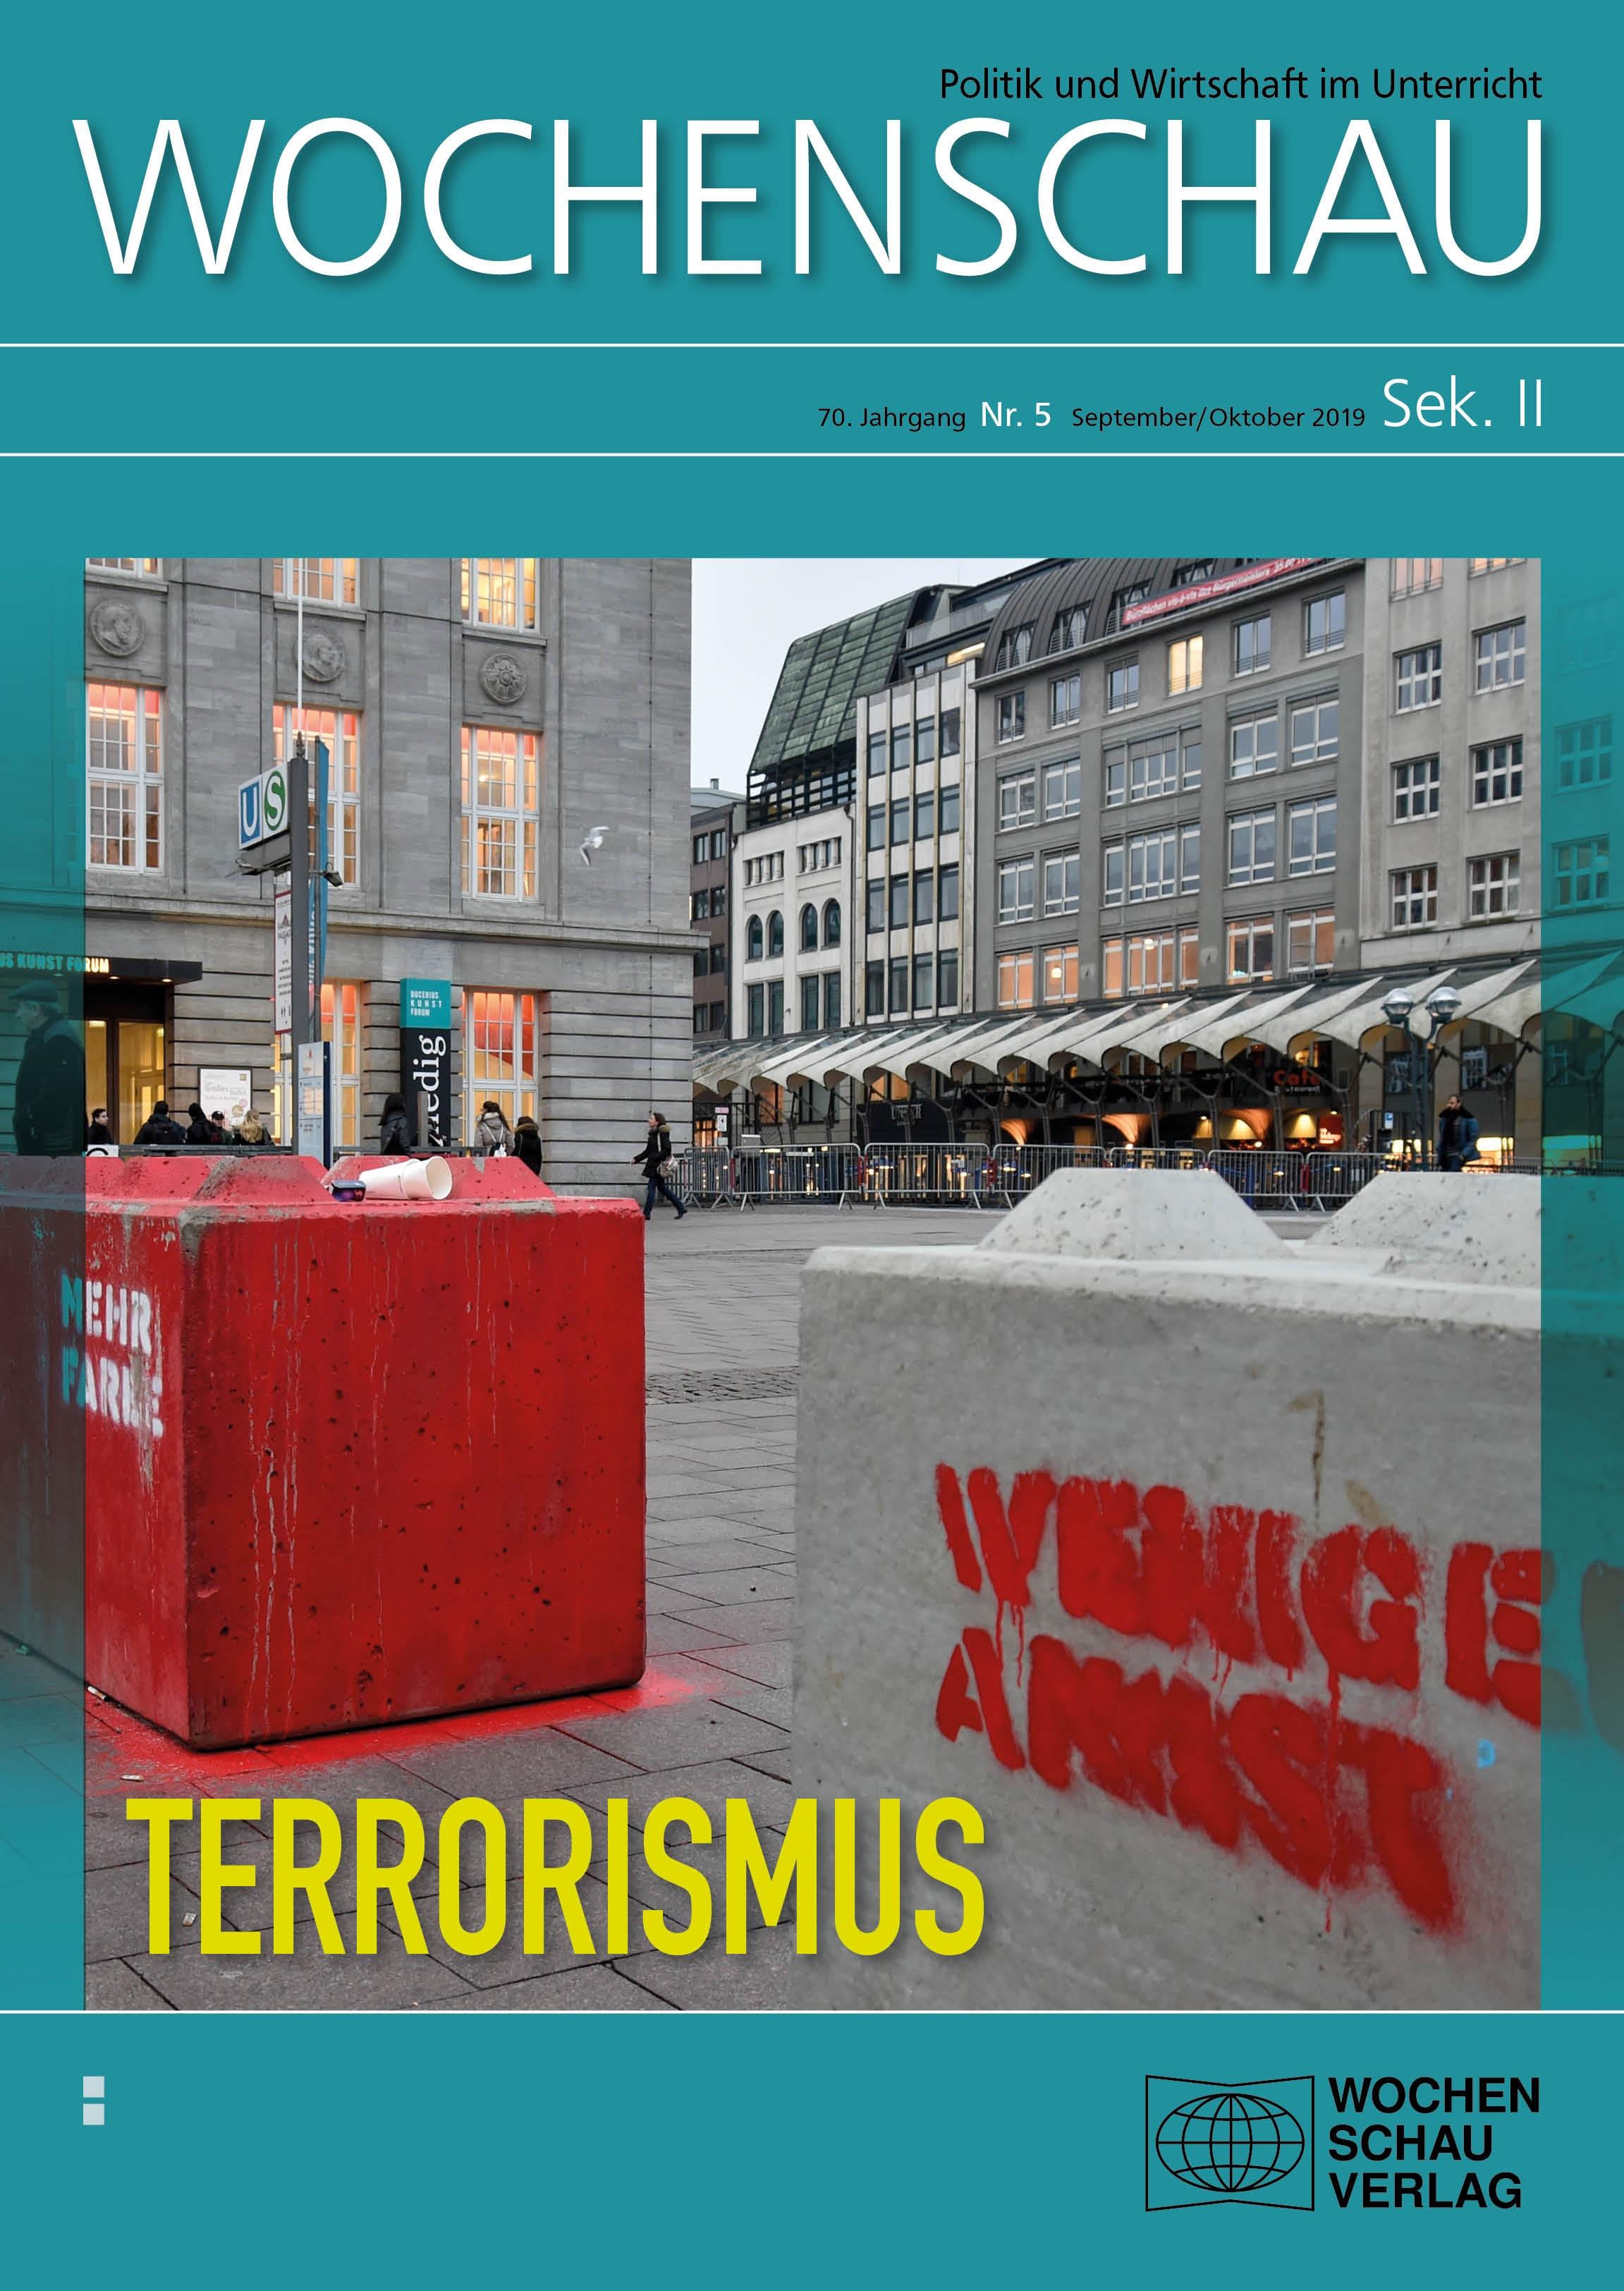 Terrorismus, Terror, NSU, Islamismus, Radikalisierung, Anschlag, innere Sicherheit, Extremismus